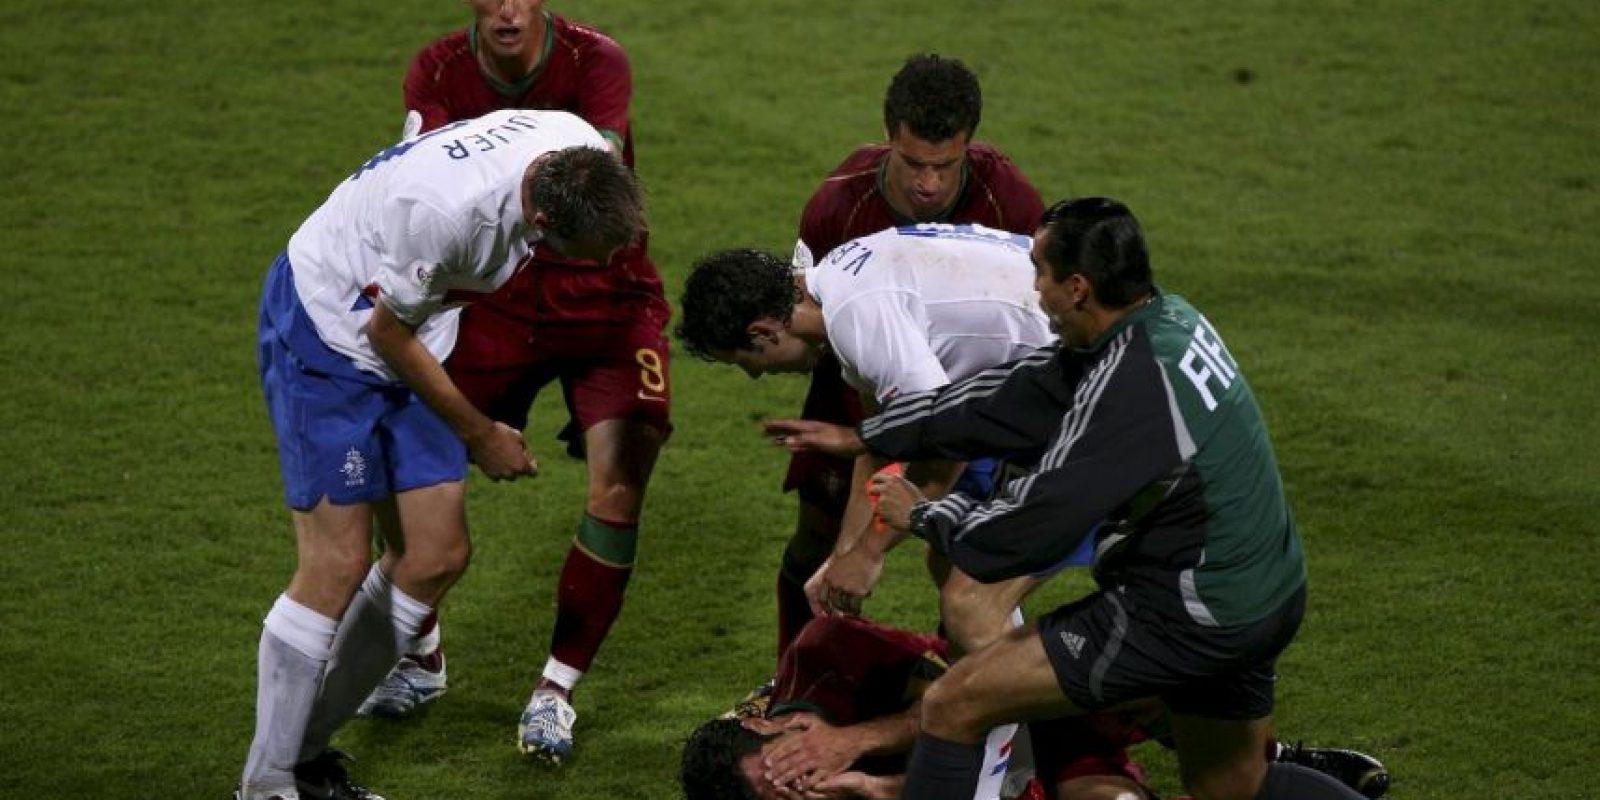 """Cuatro futbolistas fueron expulsados y el árbitro mostro 16 tarjetras amarillas en un partido accidentado entre Portugal y Holanda, del Mundial de 2006, que fue bautizado como la """"Batalla de Nuremberg"""" Foto:Getty Images"""